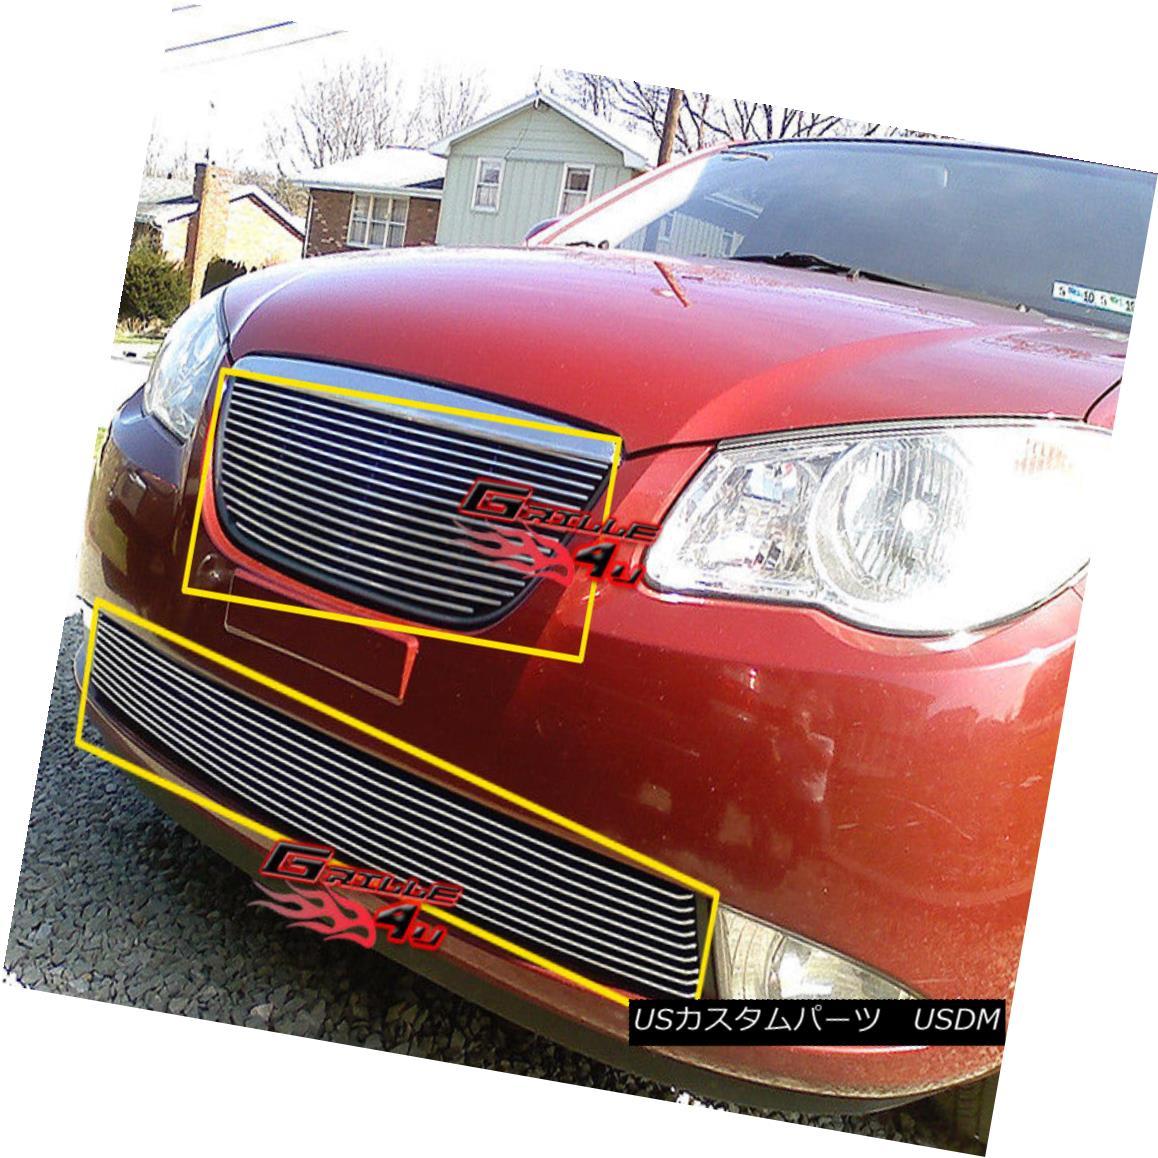 グリル Fits 07-10 Hyundai Elantra Sedan Billet Grille Combo 07-10現代エラントラセダンビレットグリルコンビにフィット